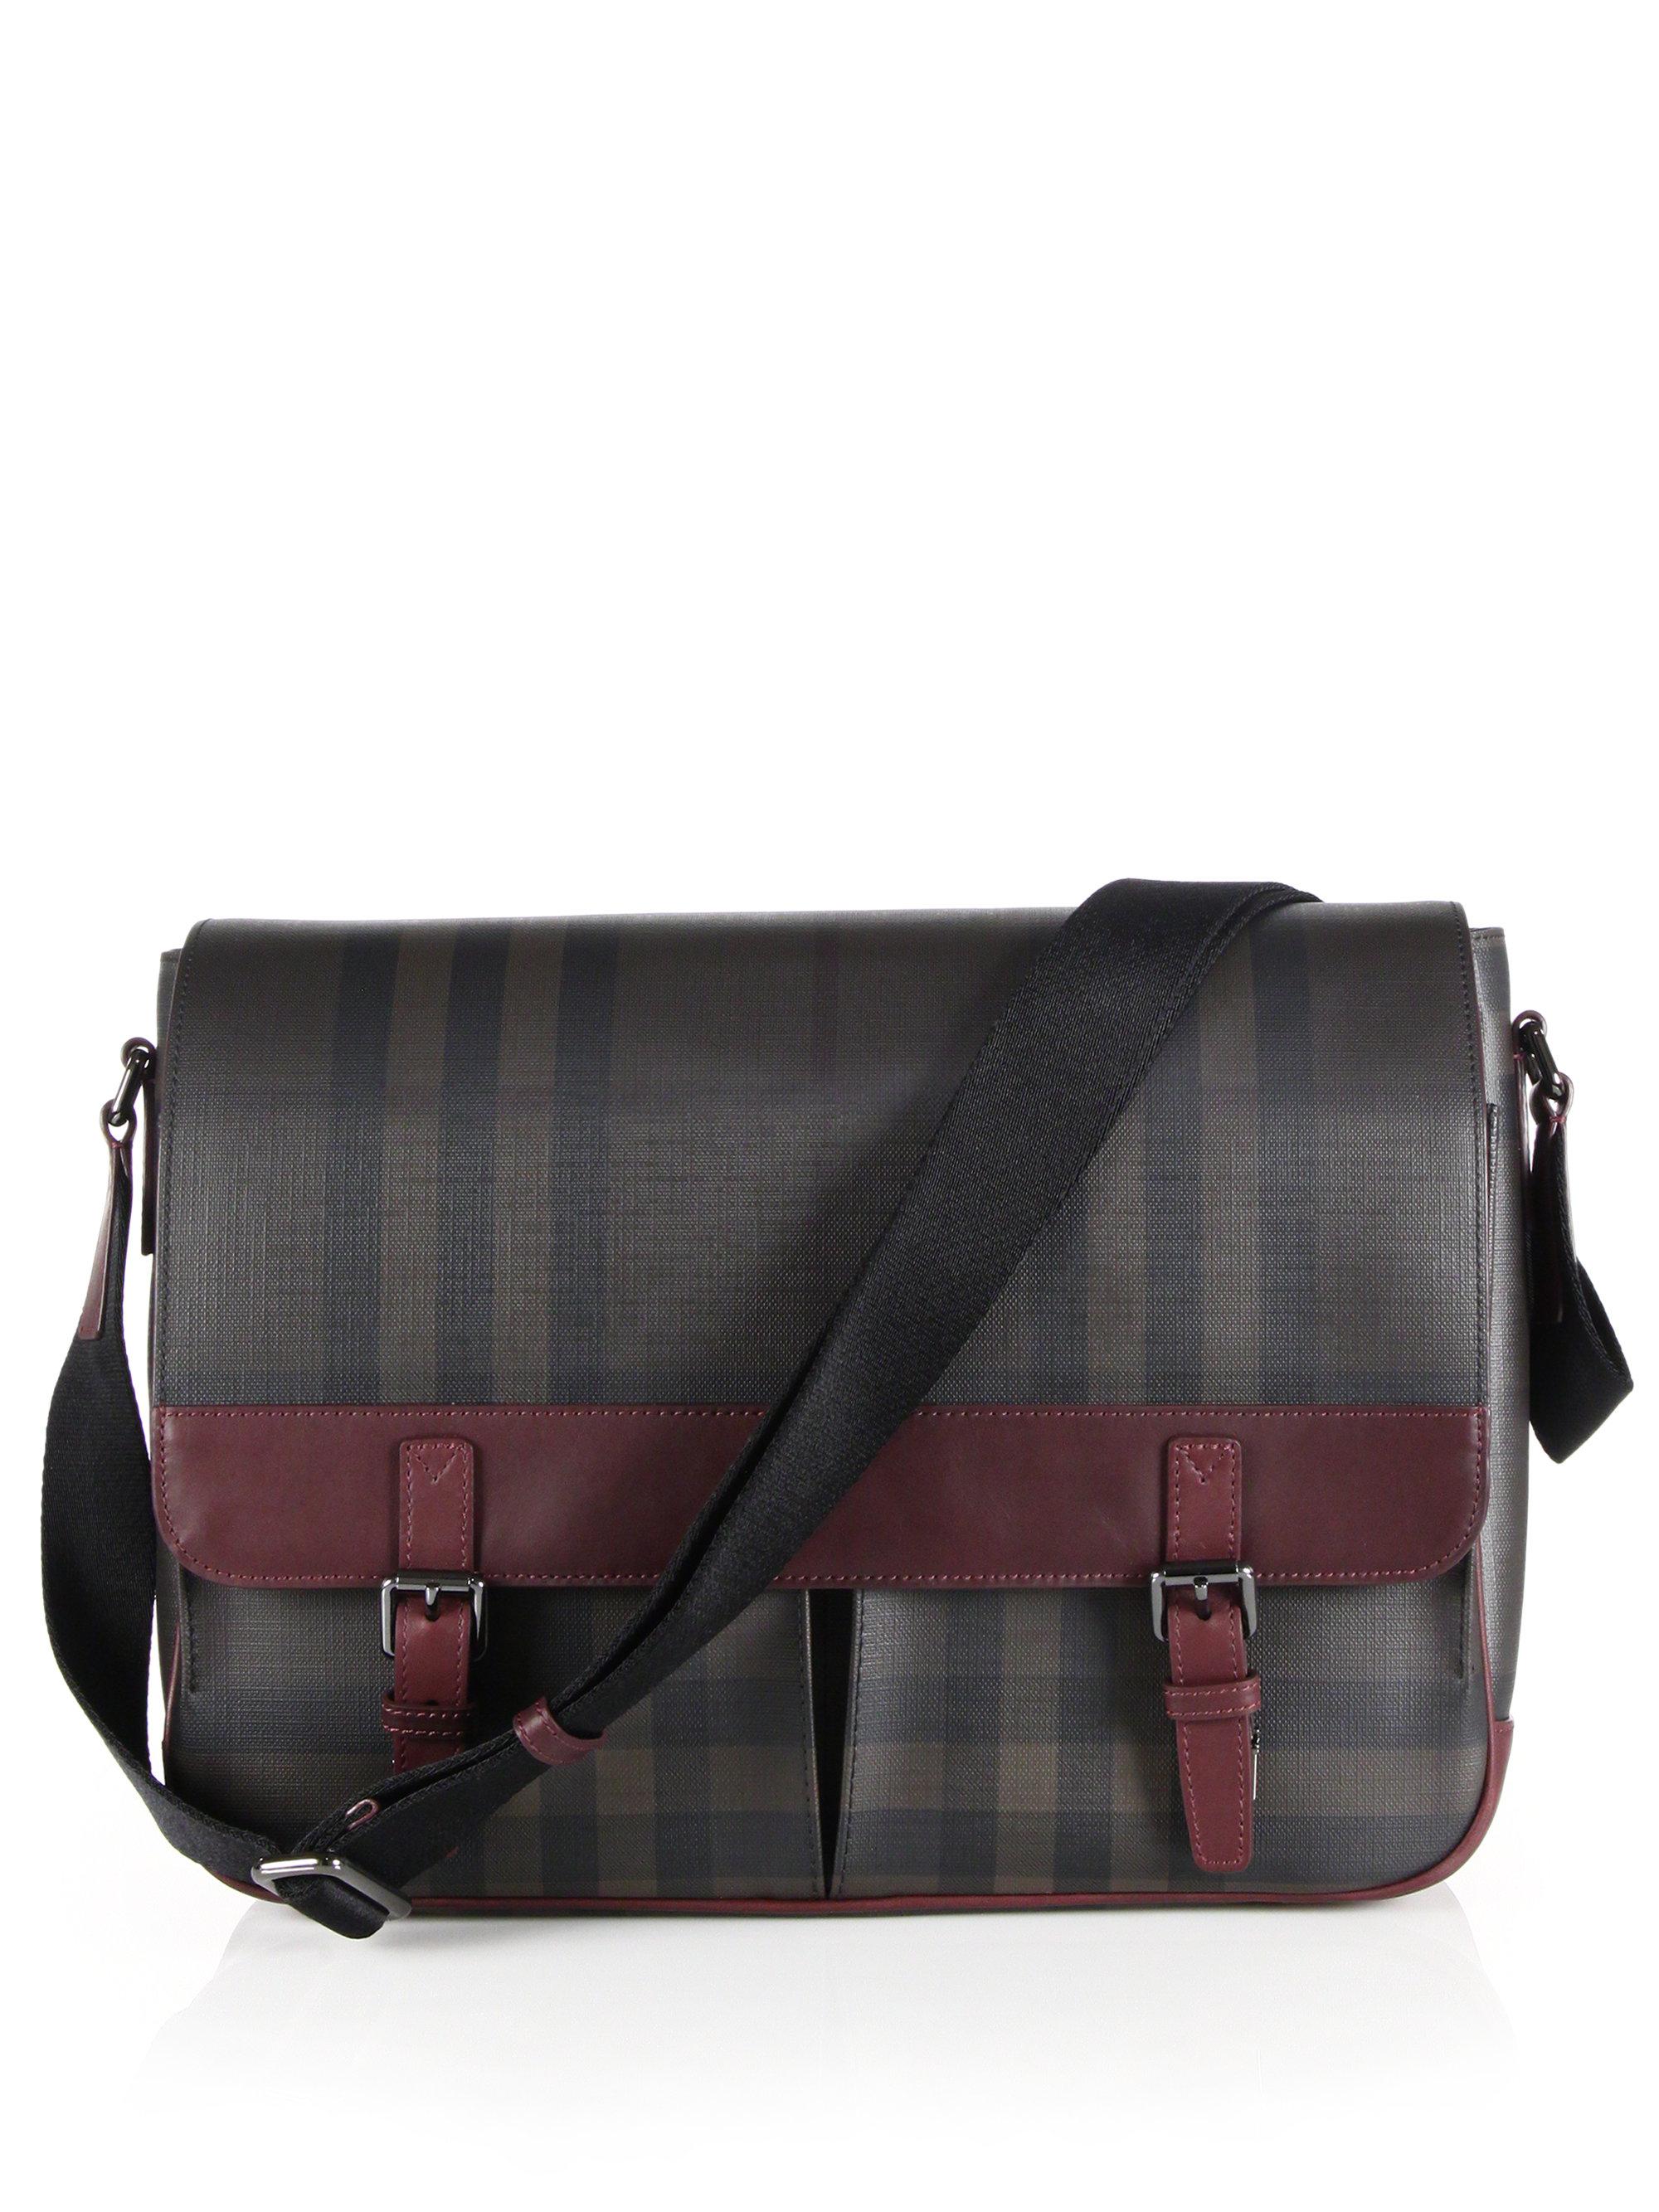 47ec7b8db197 Lyst - Burberry Fairbank Messenger Bag in Purple for Men